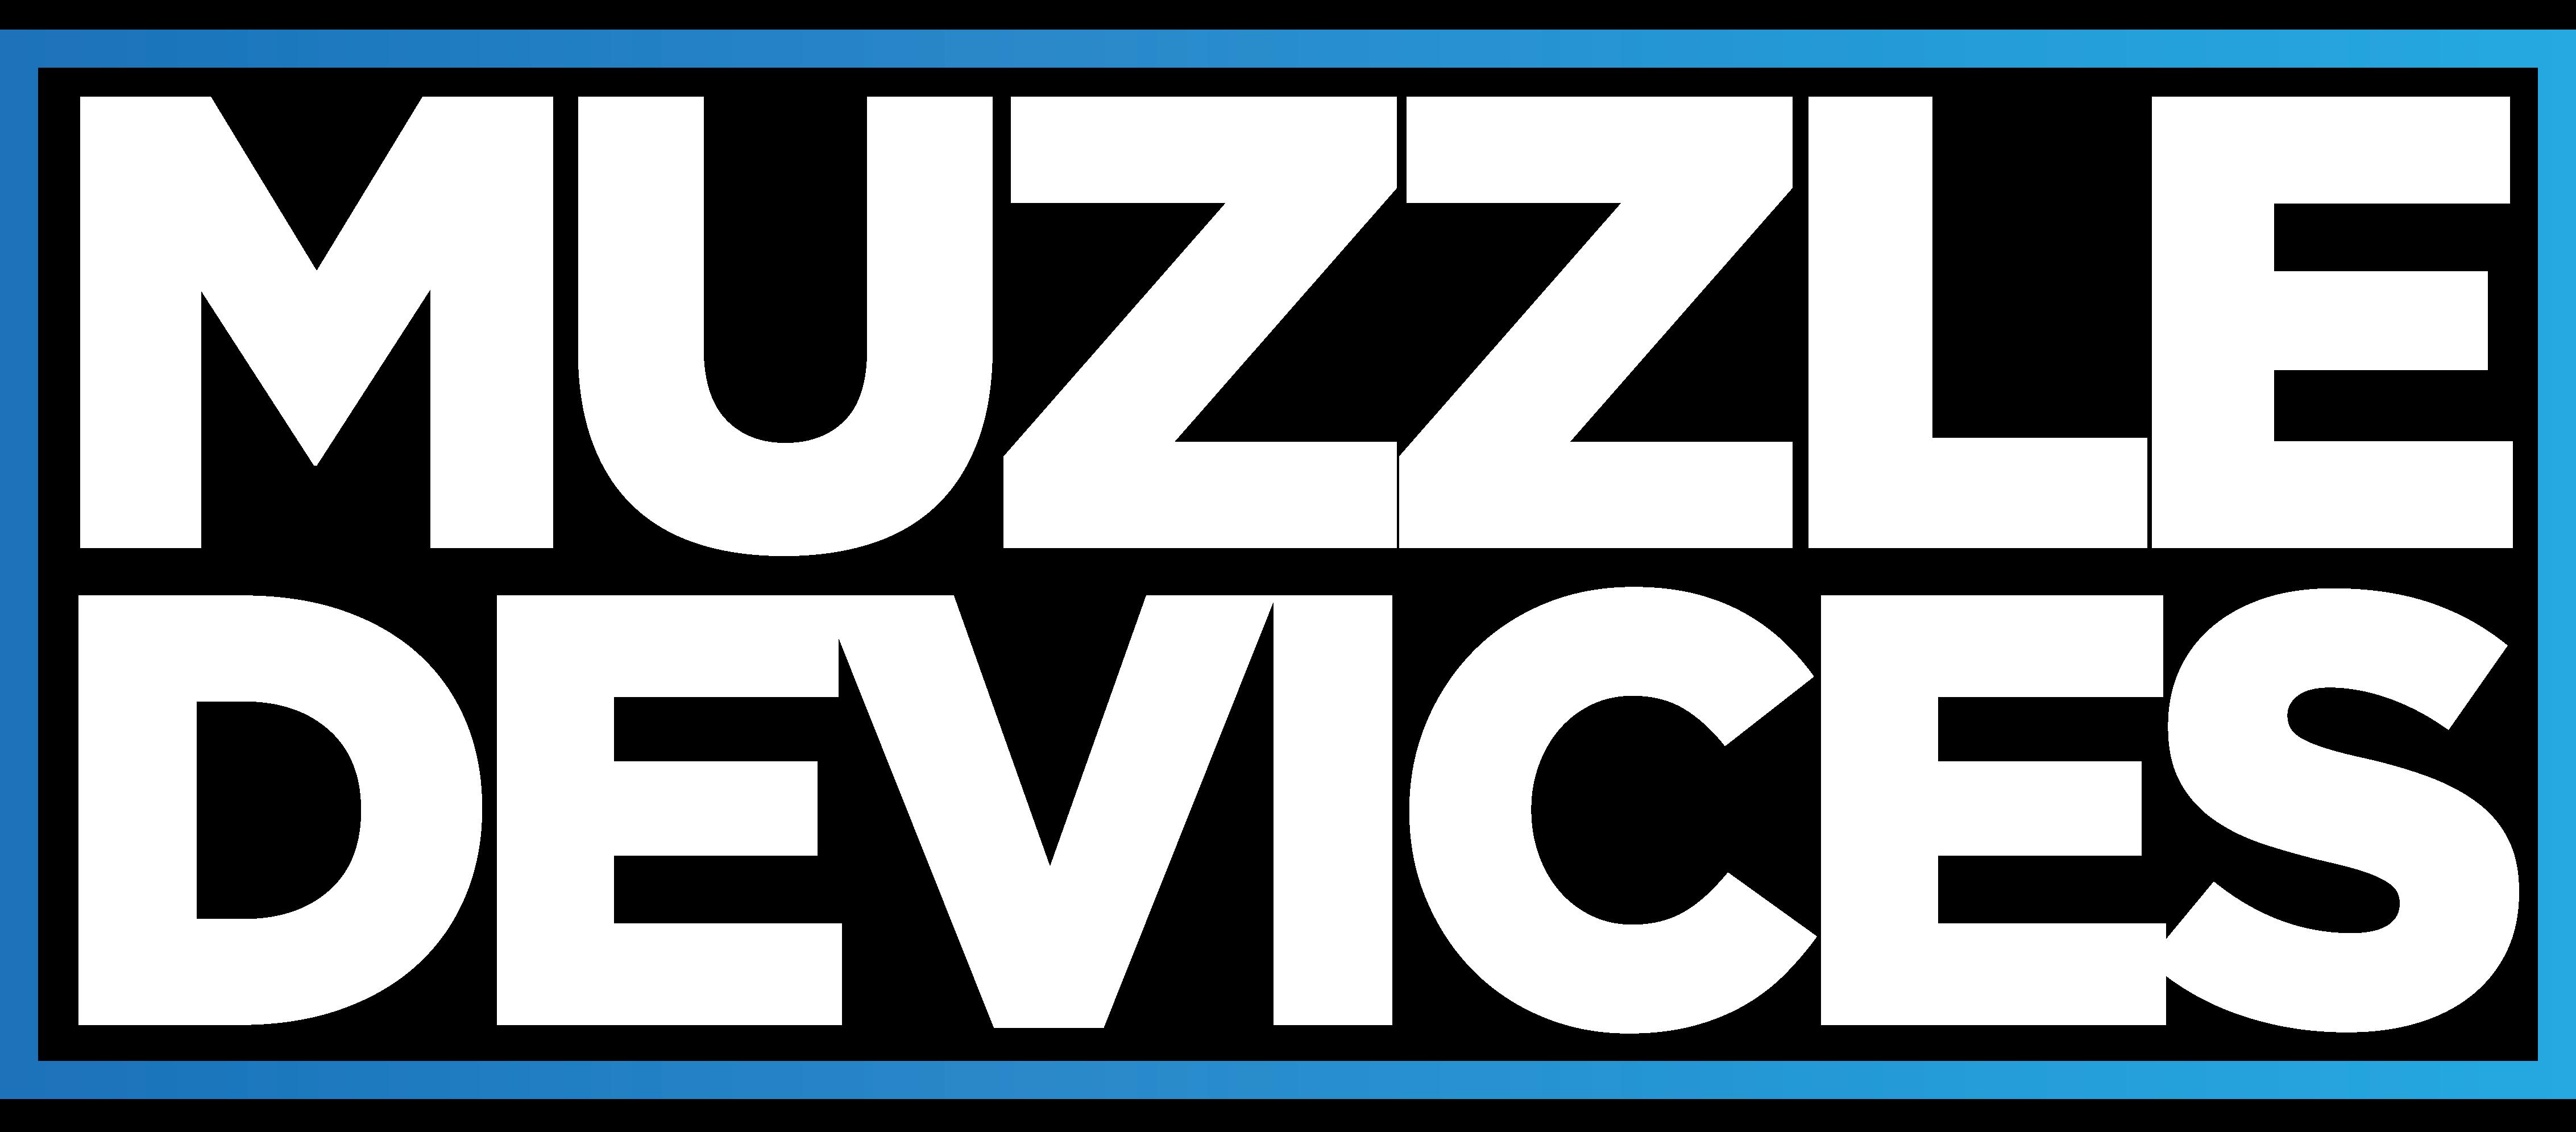 MUZZLE ACCESSORIES